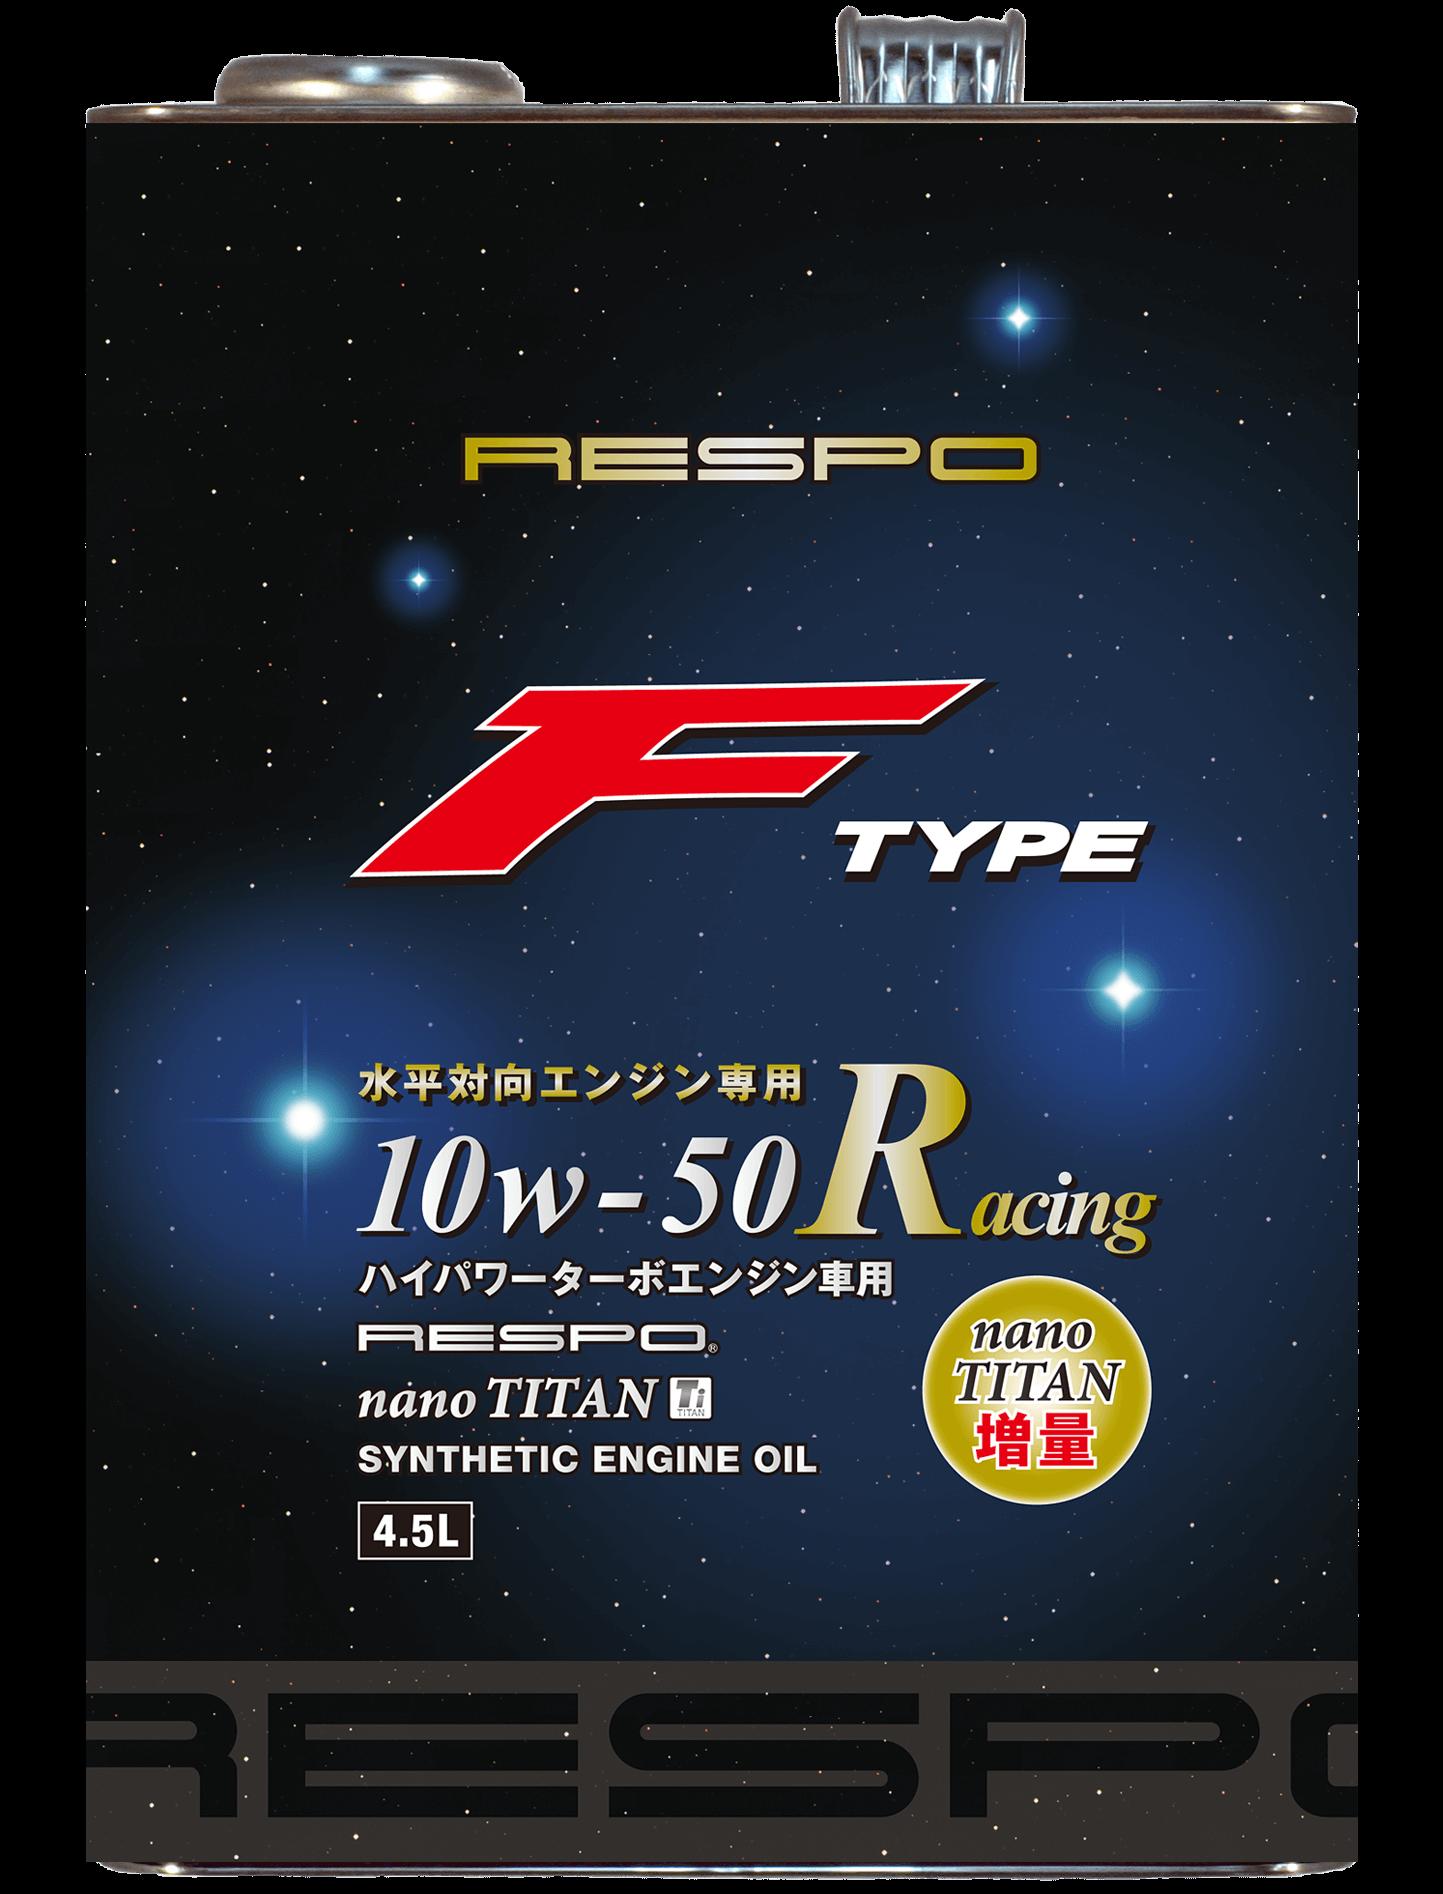 RESPO F TYPE 10w-50 Racing